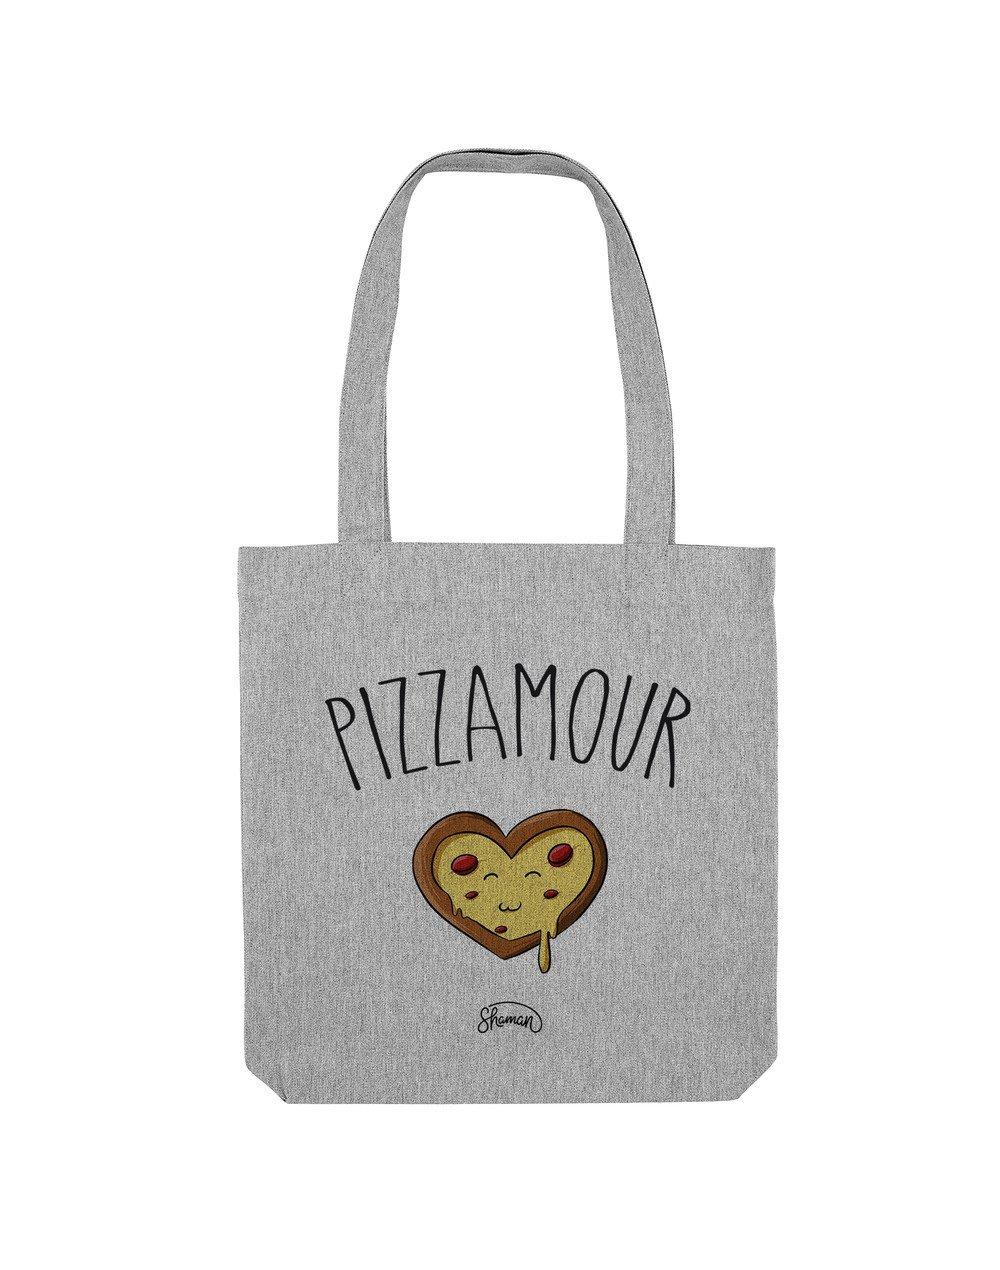 PIZZAMOUR - Tote Bag  Gris chiné  en coton